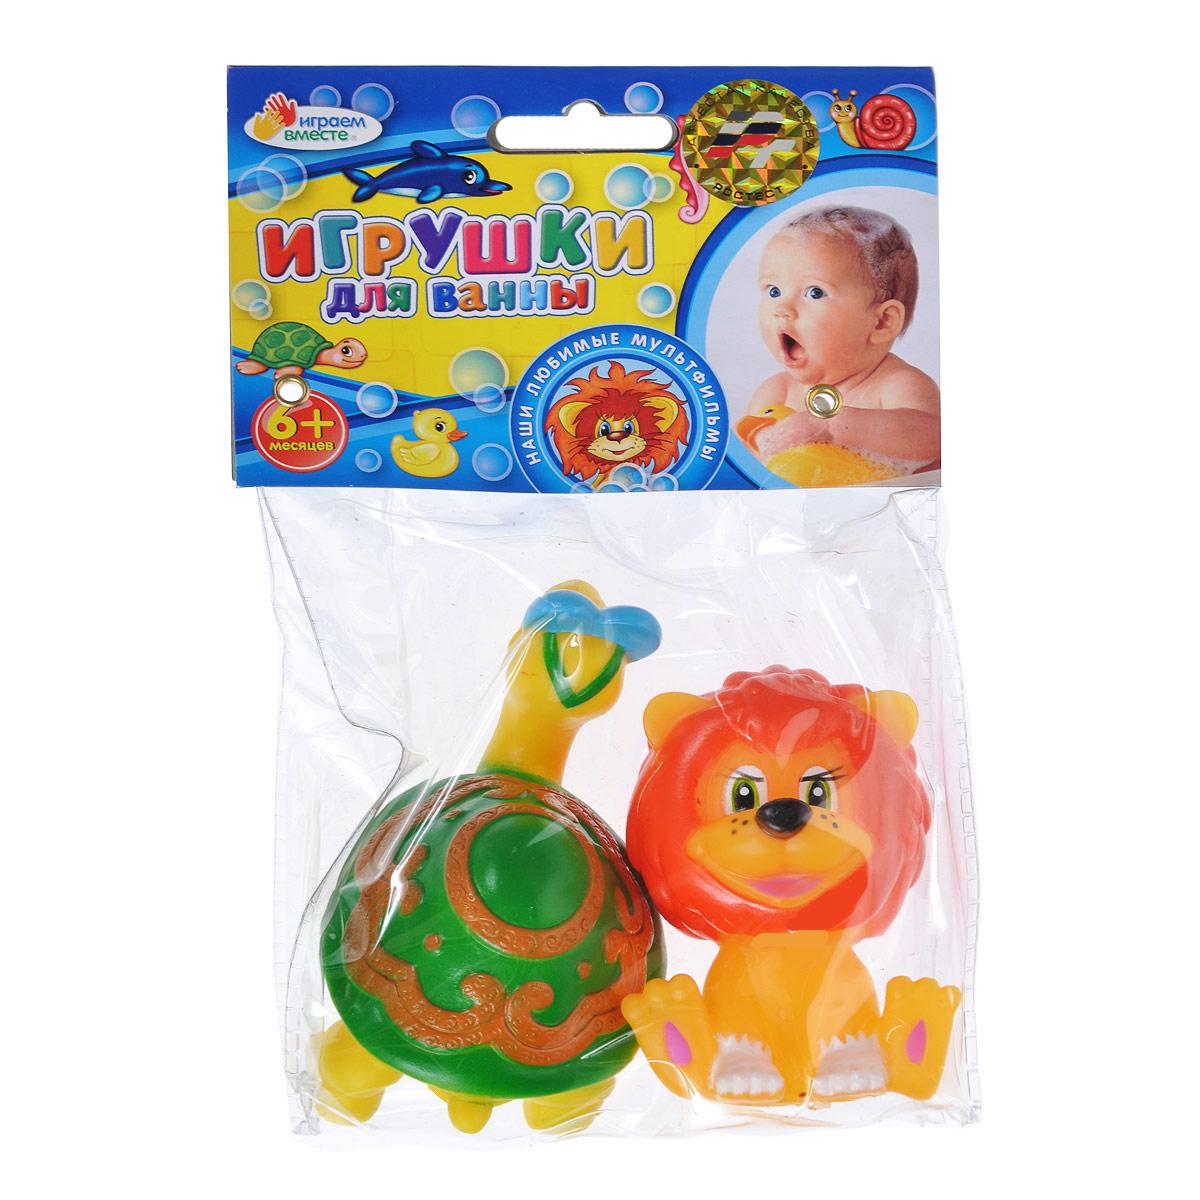 Набор игрушек для ванны Играем вместе Львенок и Черепаха, 2 шт127R-PVCНабор игрушек для ванны Играем вместе Львенок и Черепаха непременно понравится вашему ребенку и превратит купание в веселую игру! Яркие игрушки выполнены из безопасного ПВХ в виде Львенка и Черепахи - персонажей мультфильма Львенок и Черепаха. Если сжать игрушки, раздастся веселый писк. Оригинальный стиль и великолепное качество исполнения делают этот набор чудесным подарком к любому празднику, а жизнерадостные образы представят такой подарок в самом лучшем свете. Рекомендуемый возраст: от 6 месяцев.